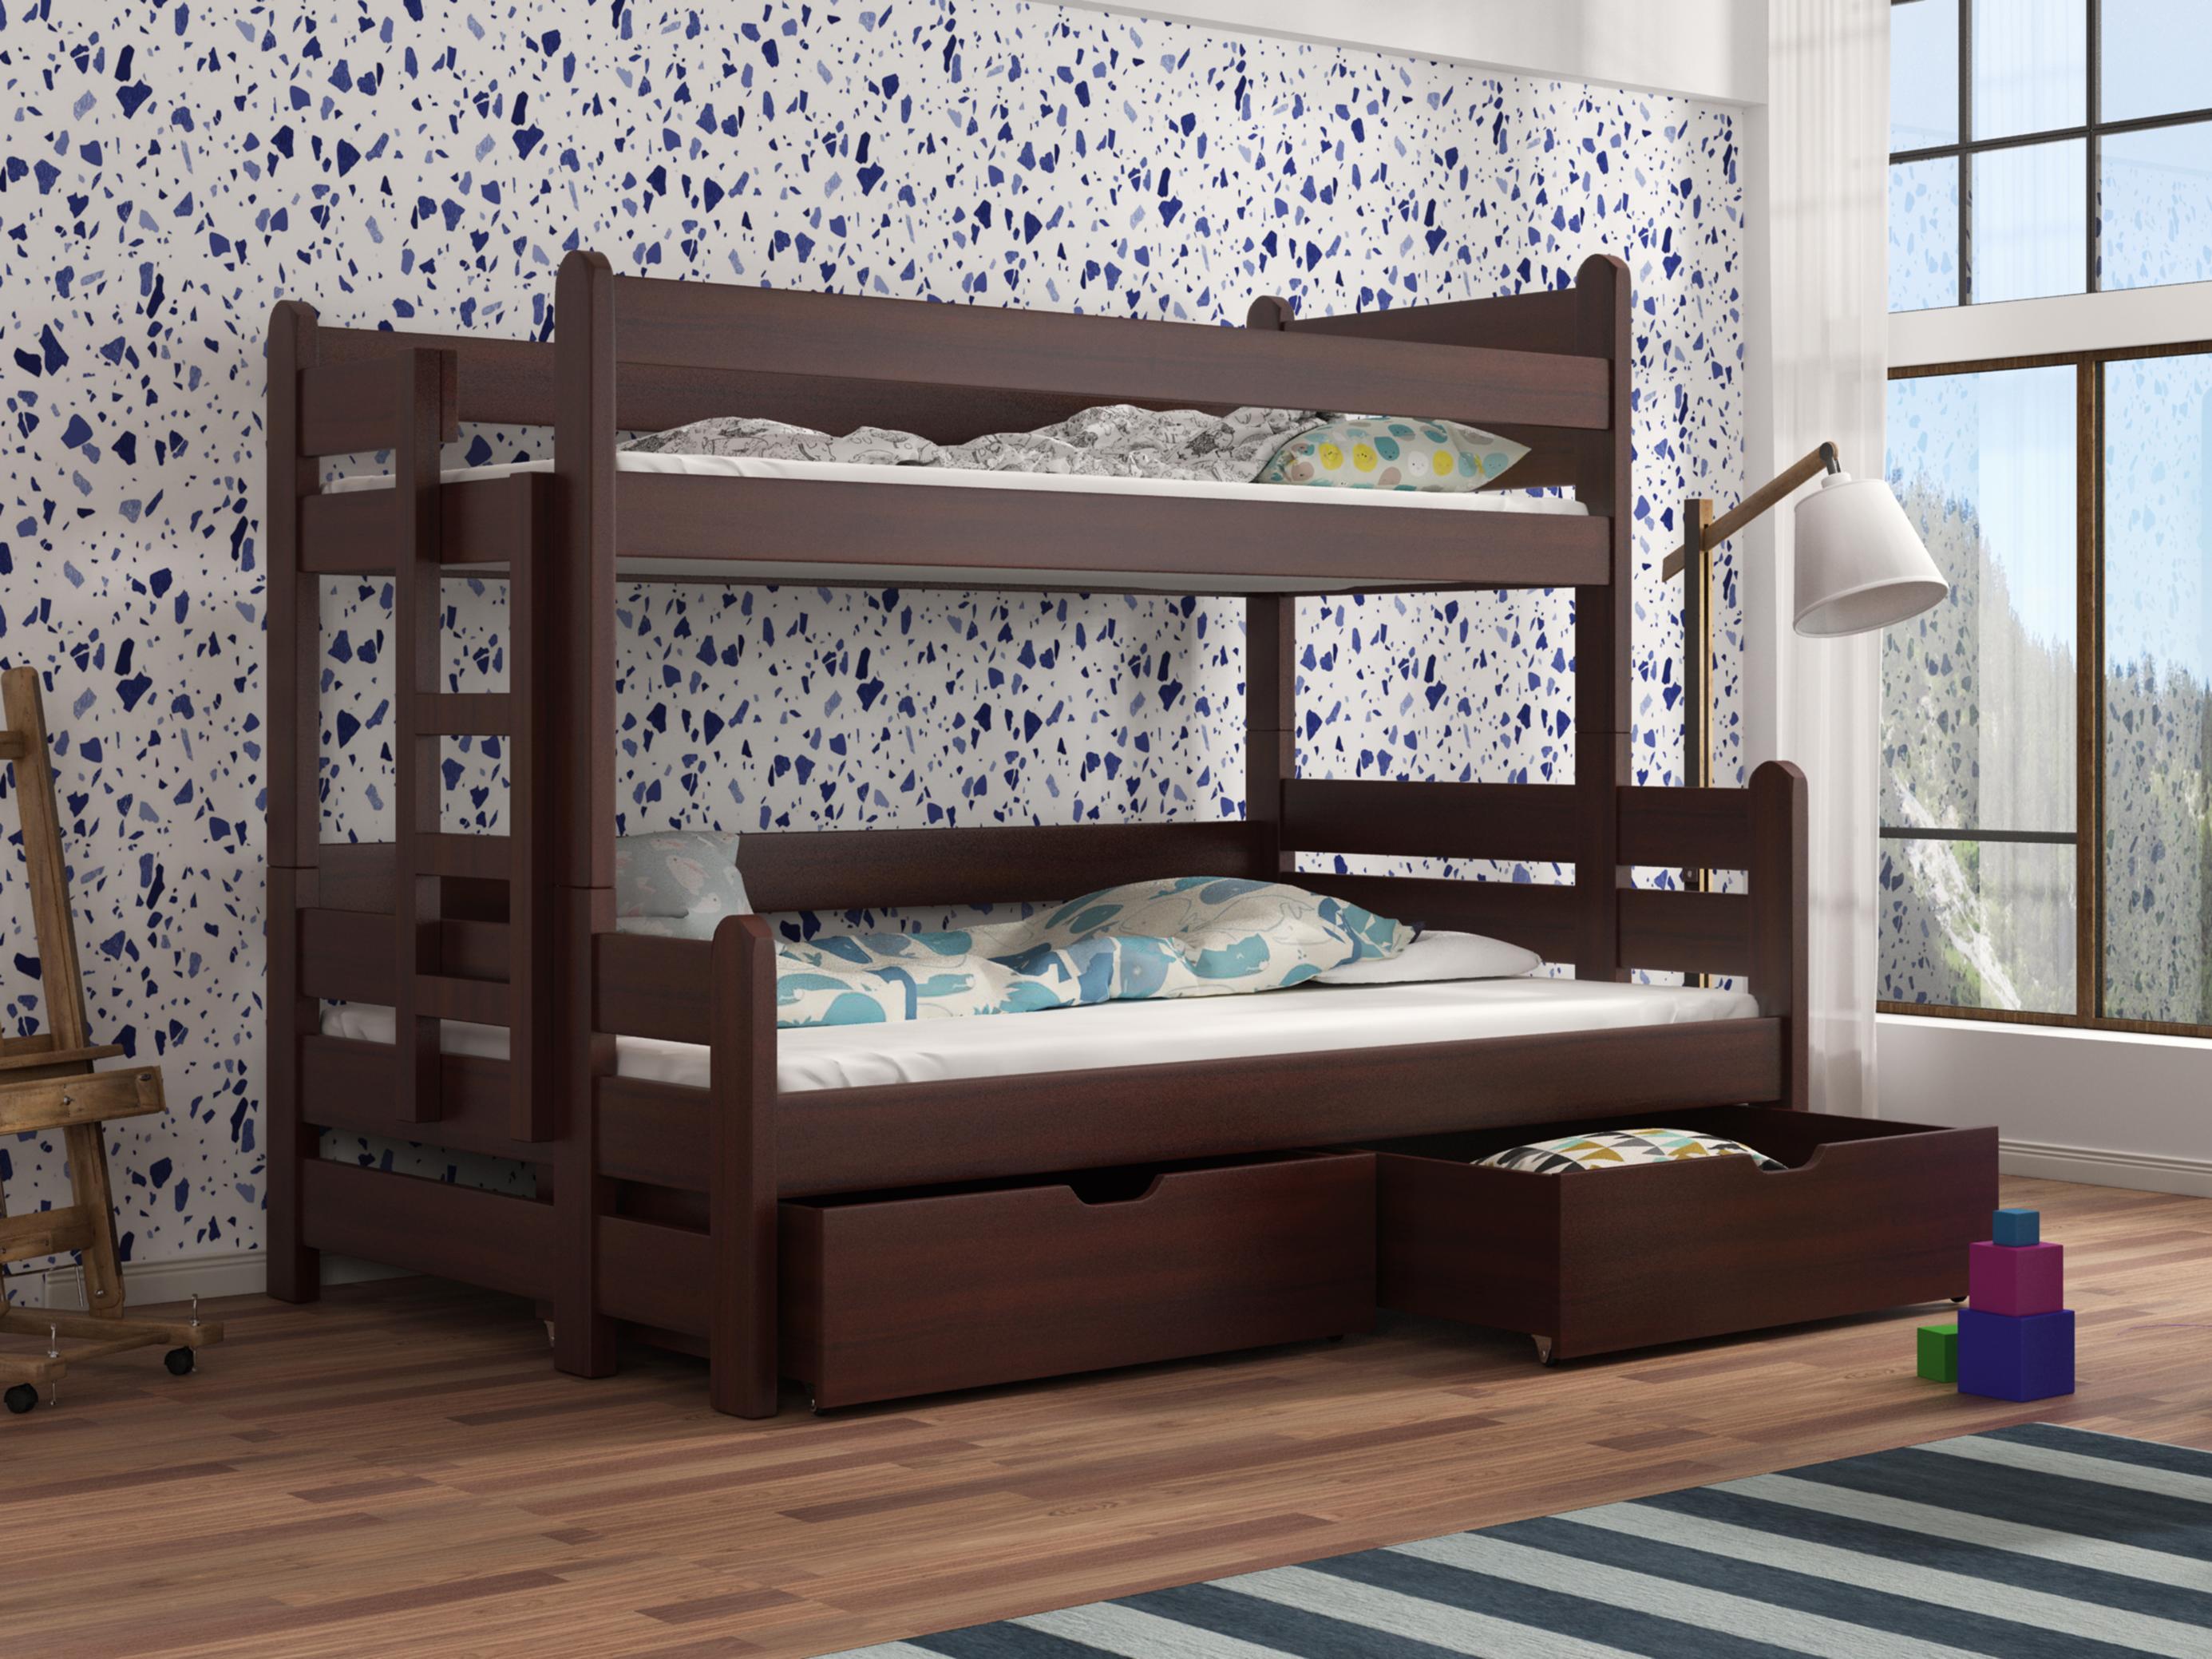 Dětská patrová postel 90 cm - Bivi (ořech)